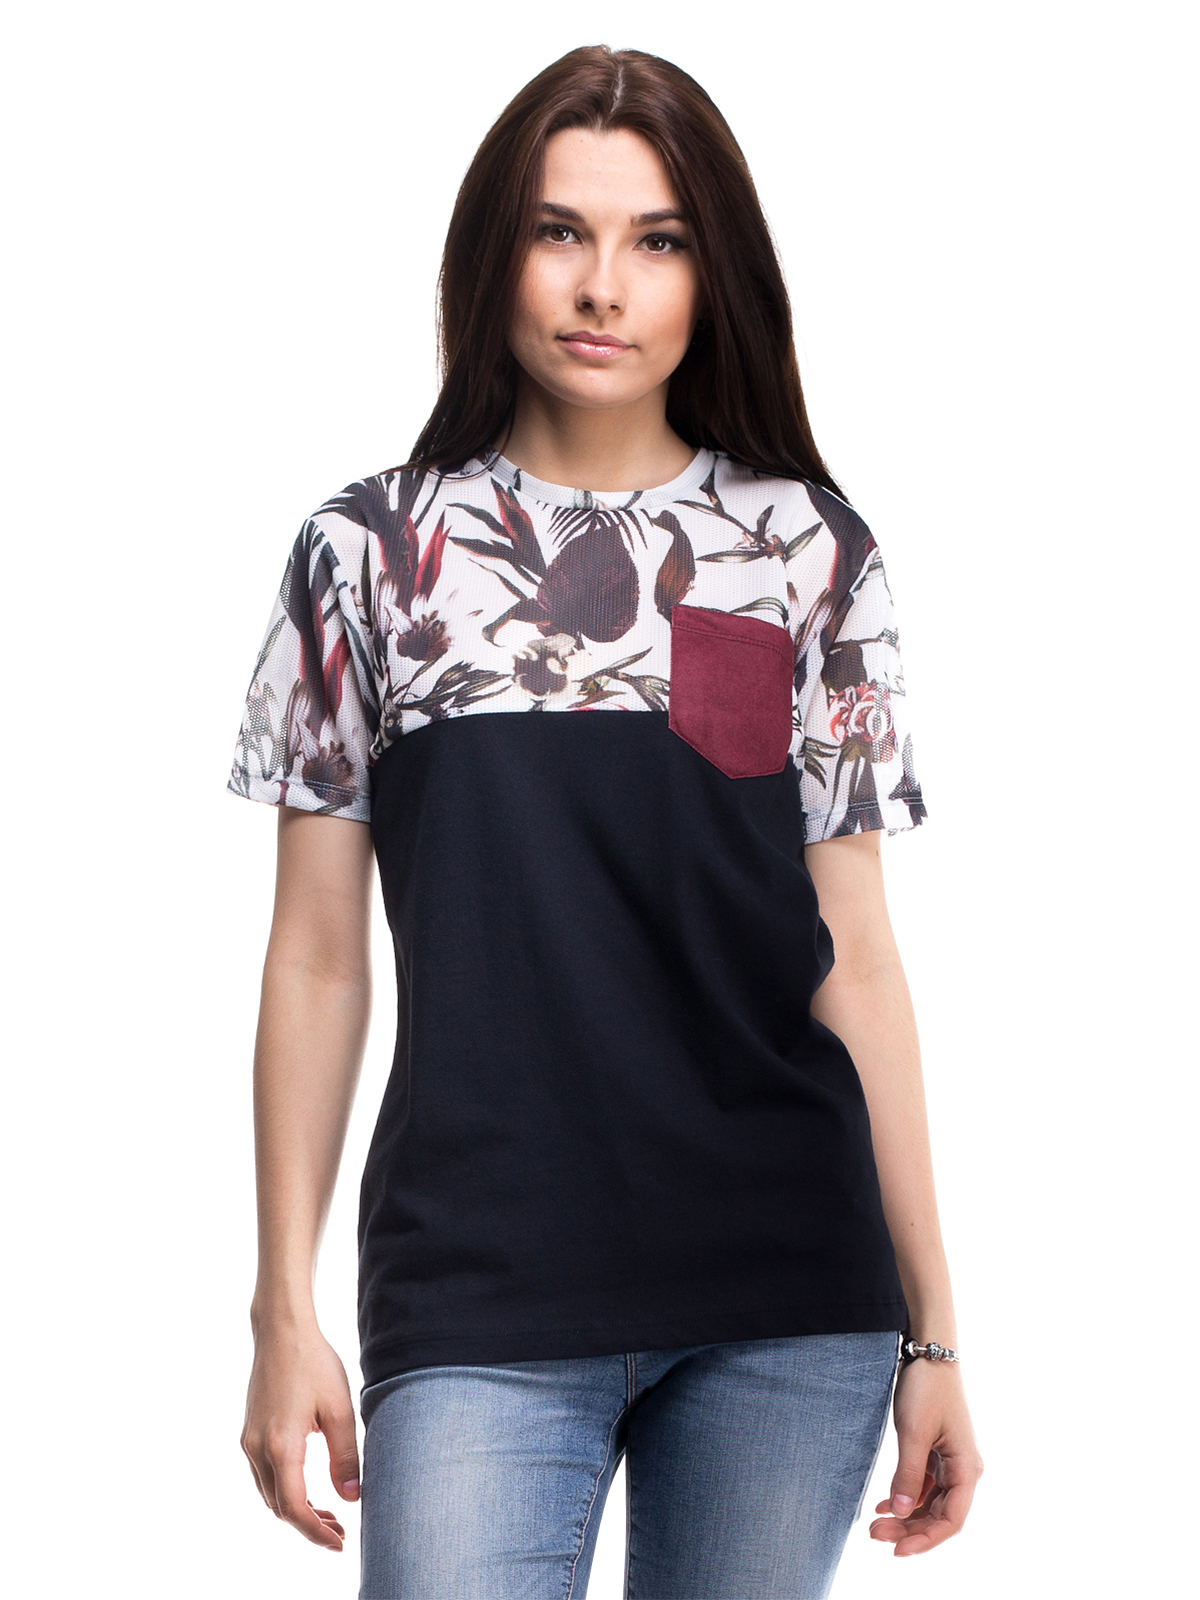 Комбинированные футболки своими руками 46